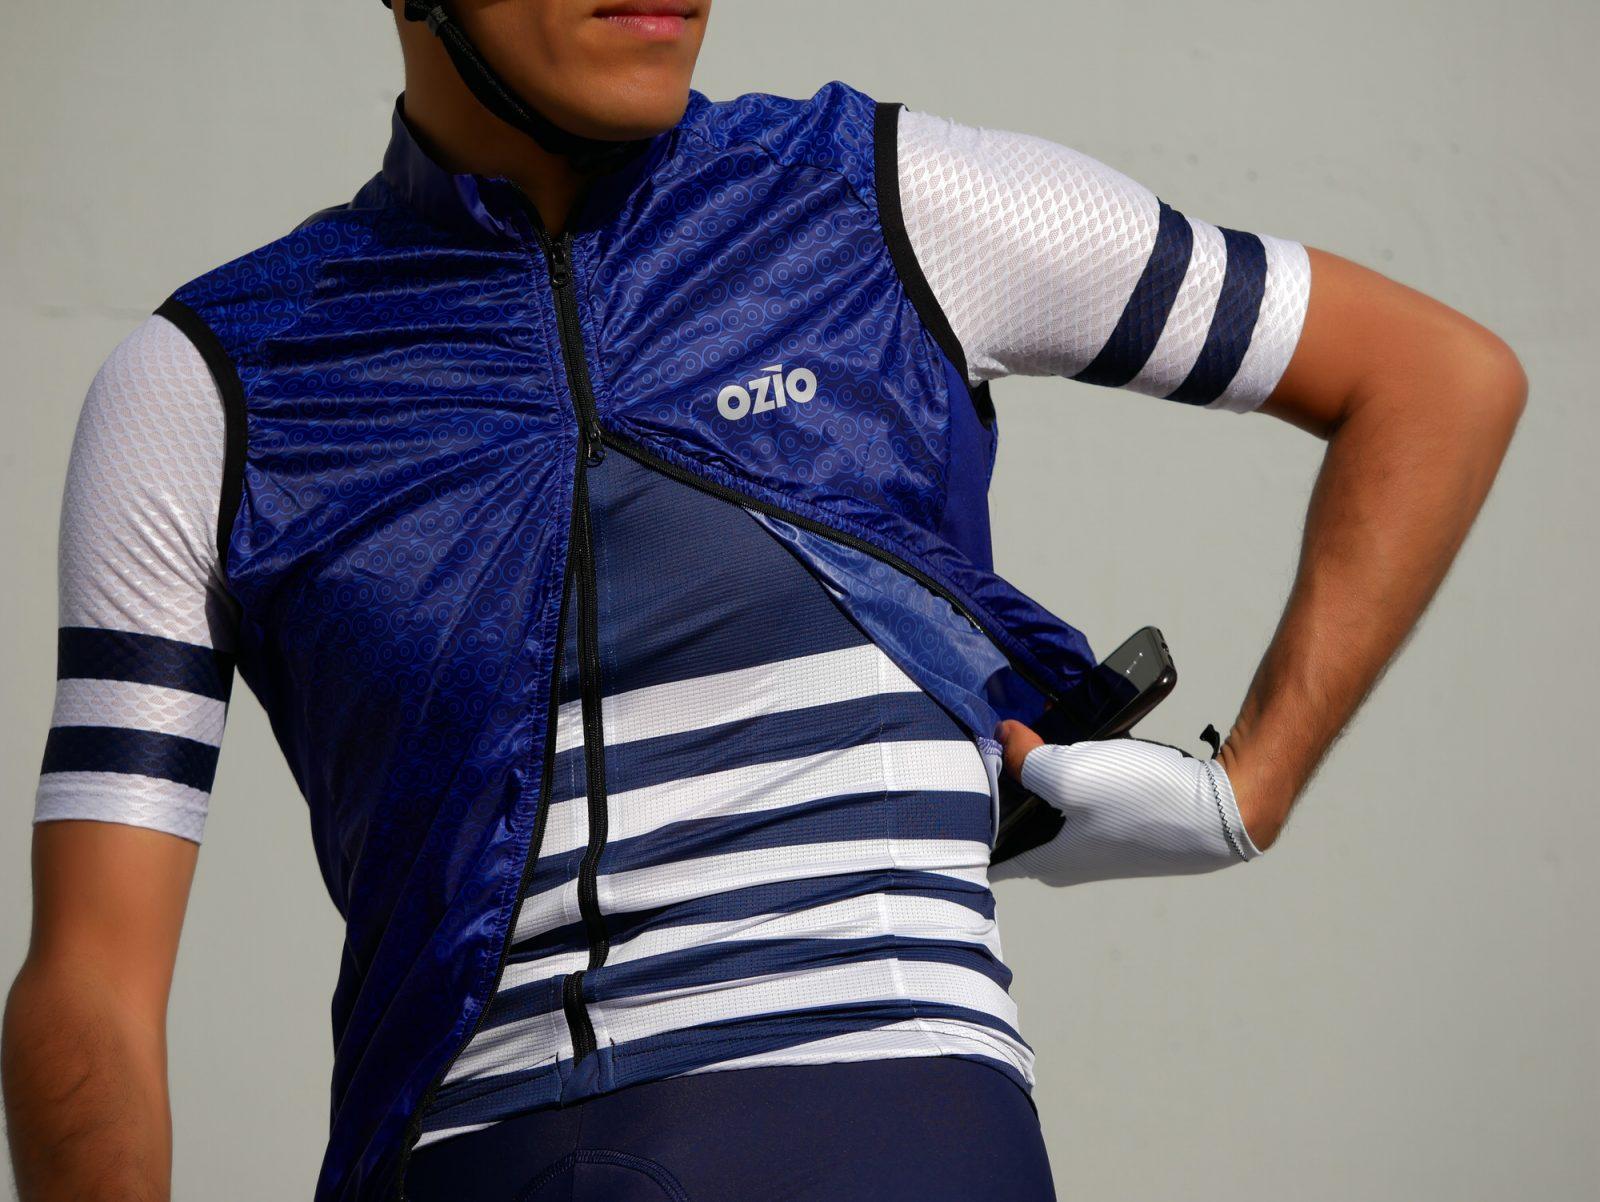 Gilet coupe-vent bleu cycliste OZIO